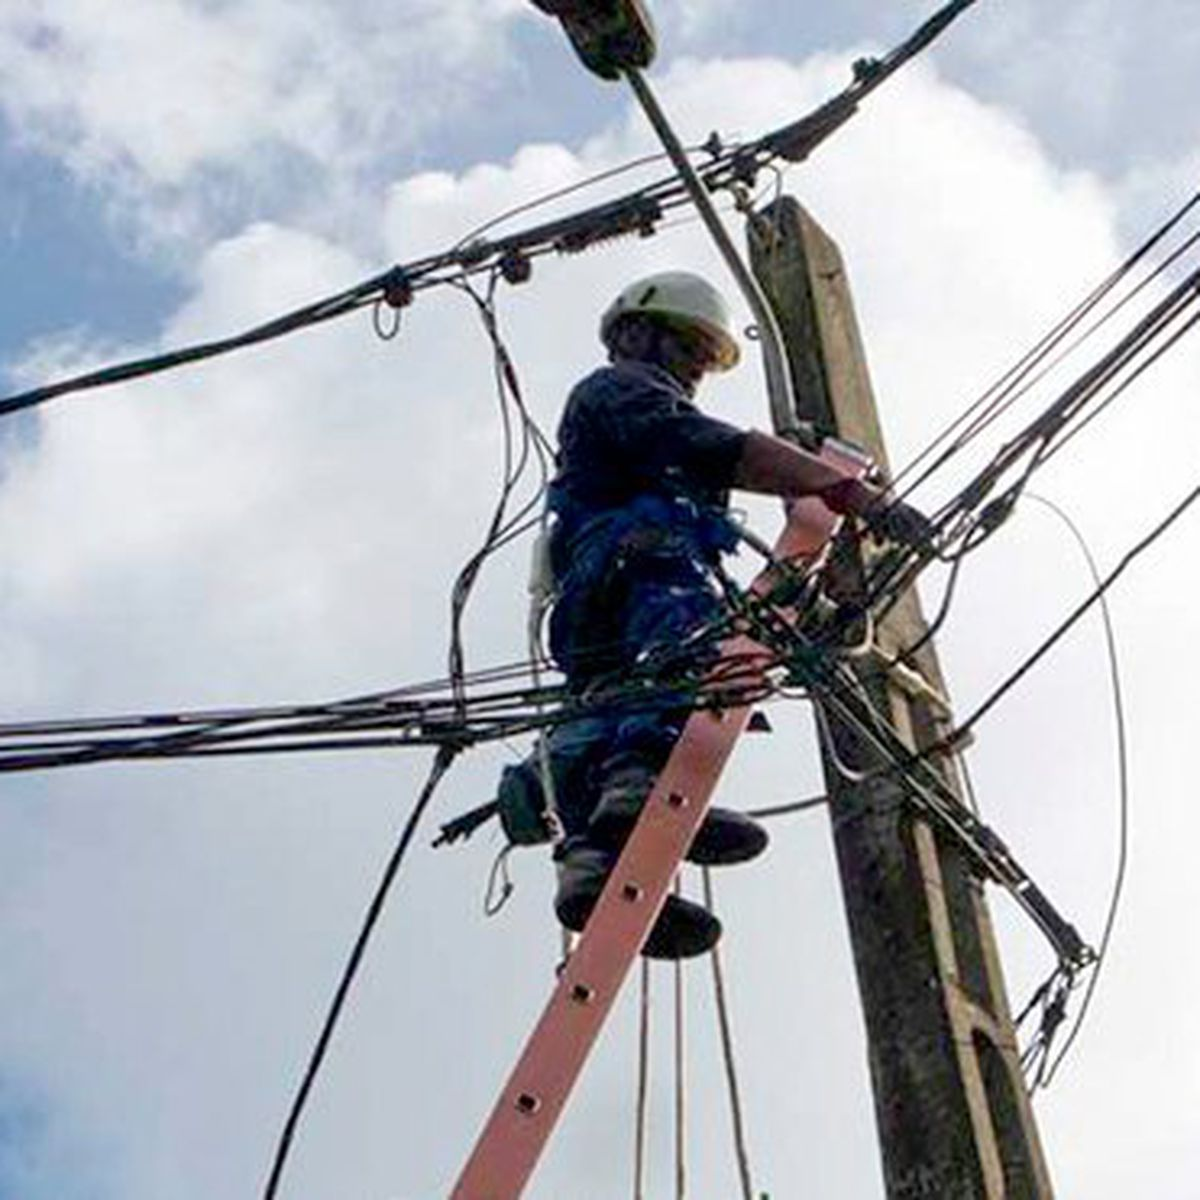 Près de 1200 clients EDF privés d'électricité suite à des actes de malveillance